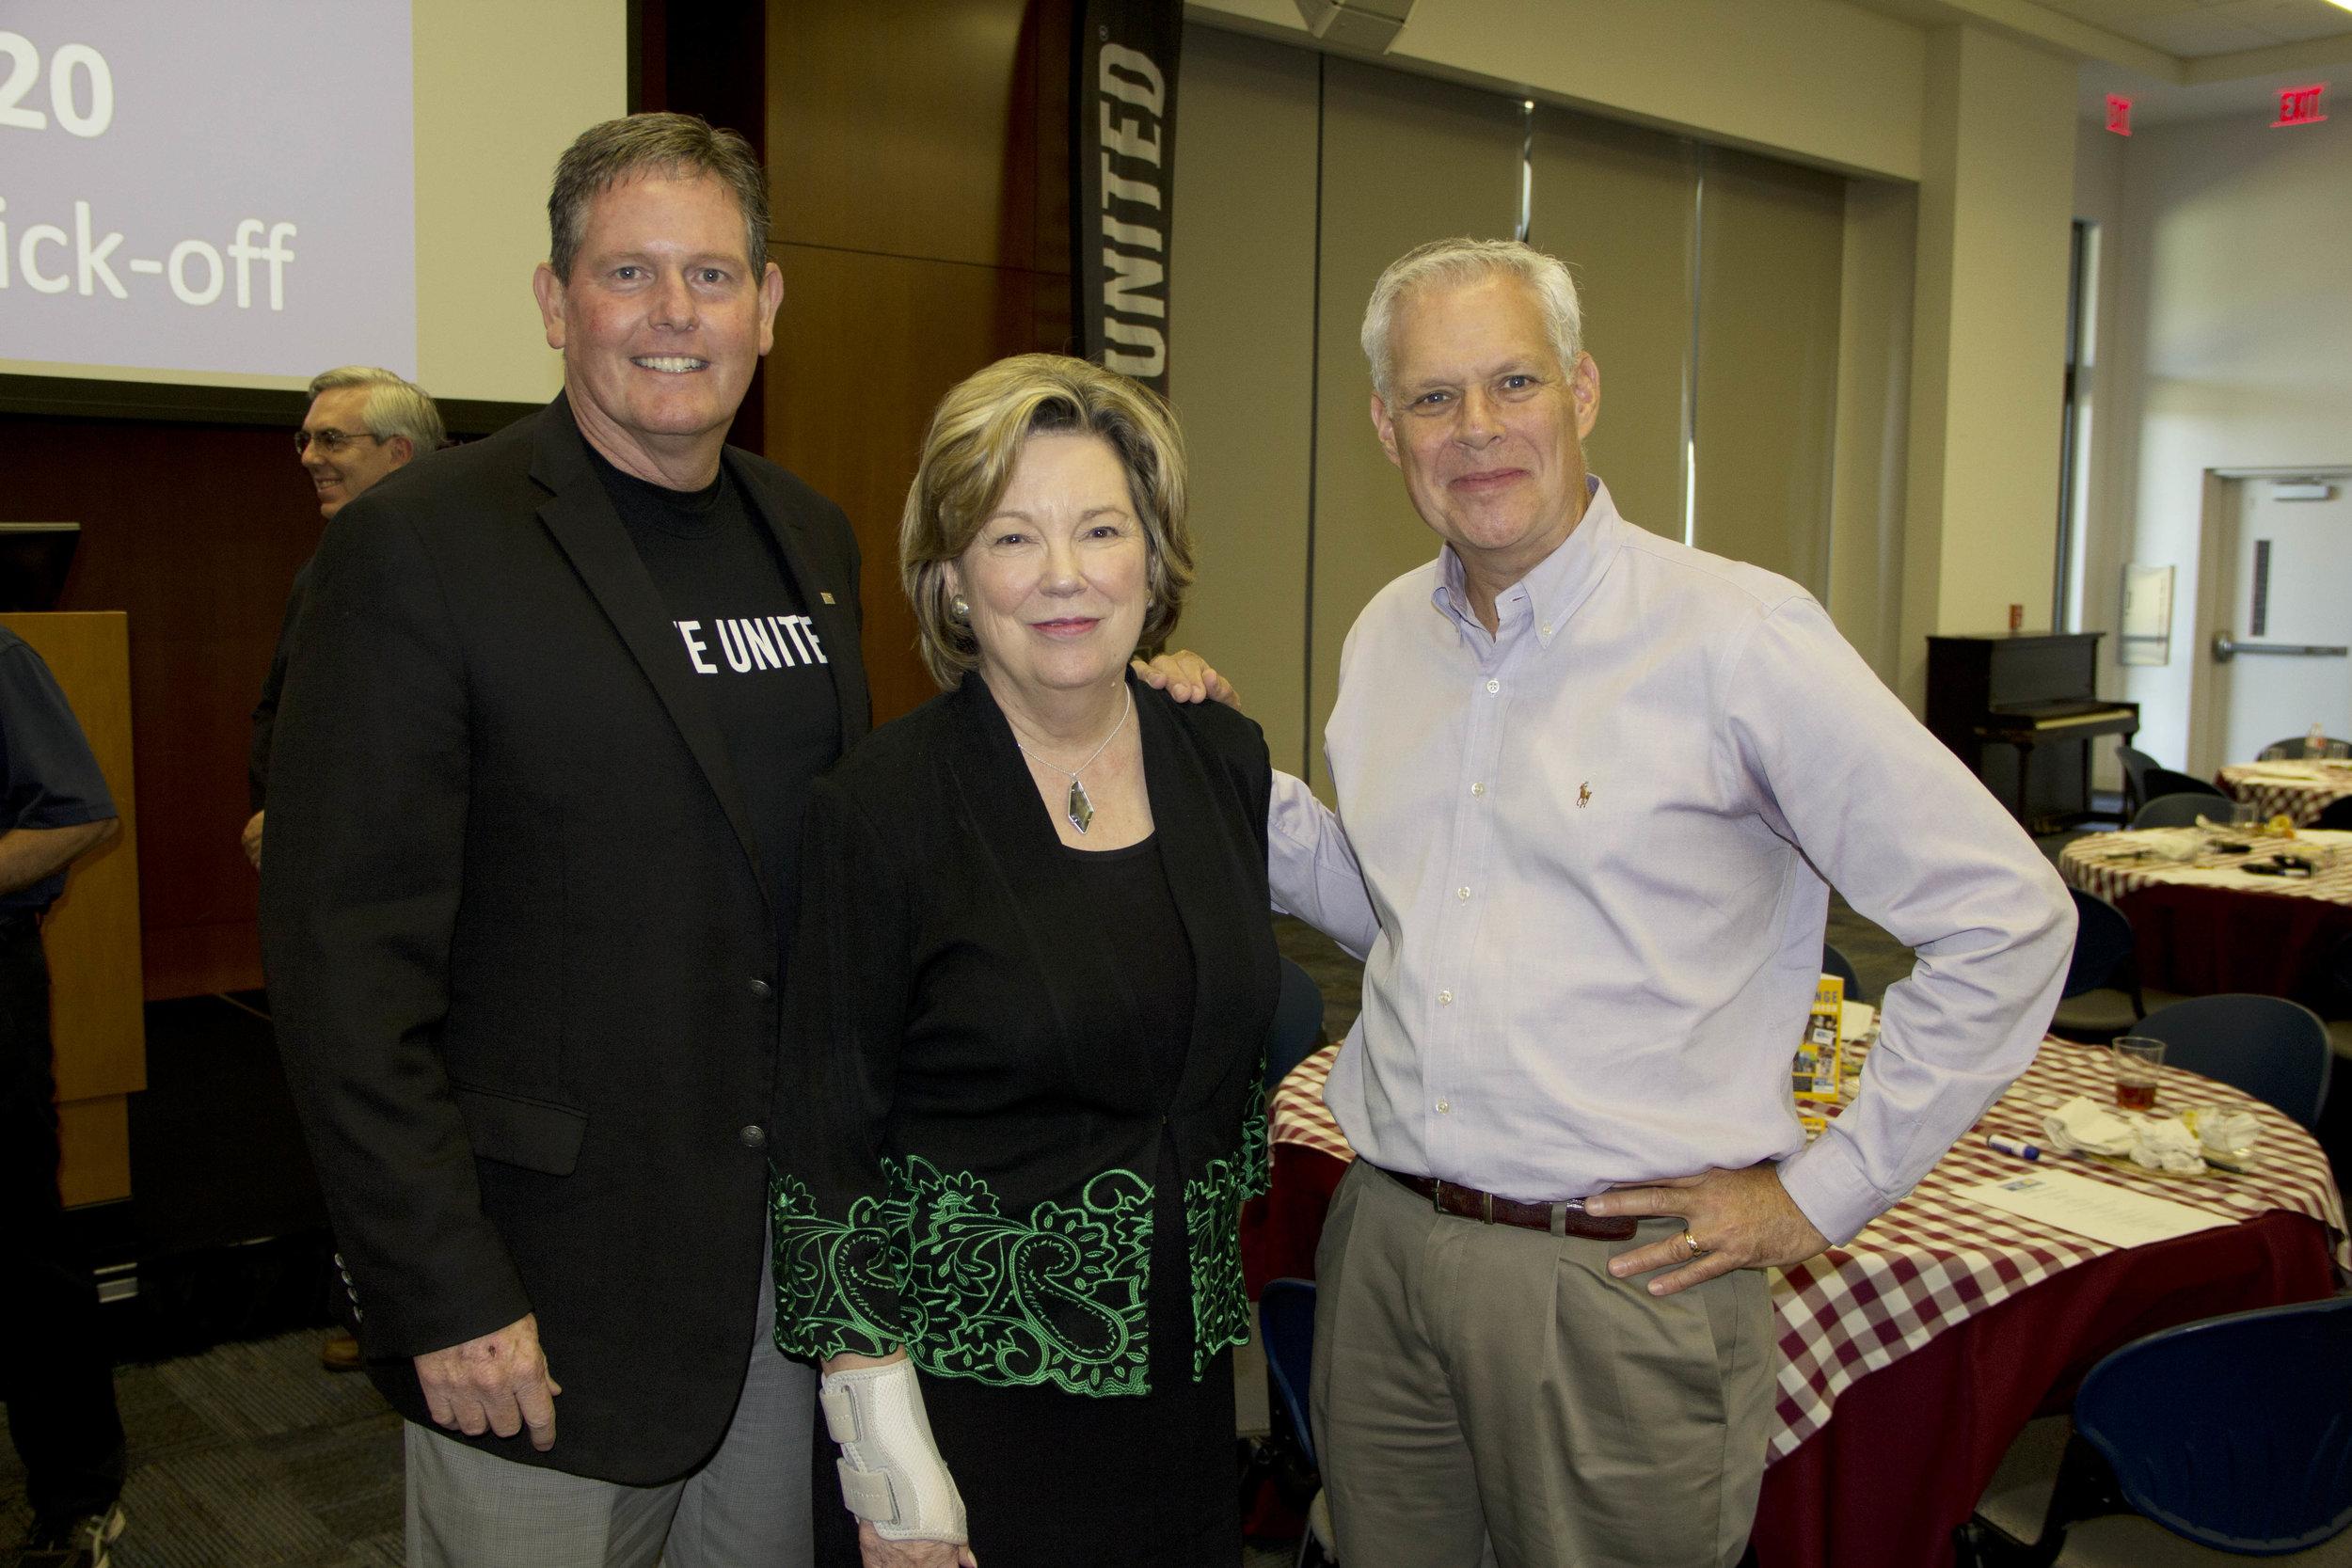 Mark Bledsoe, Dr. Emily Cutrer and Robert Irwin